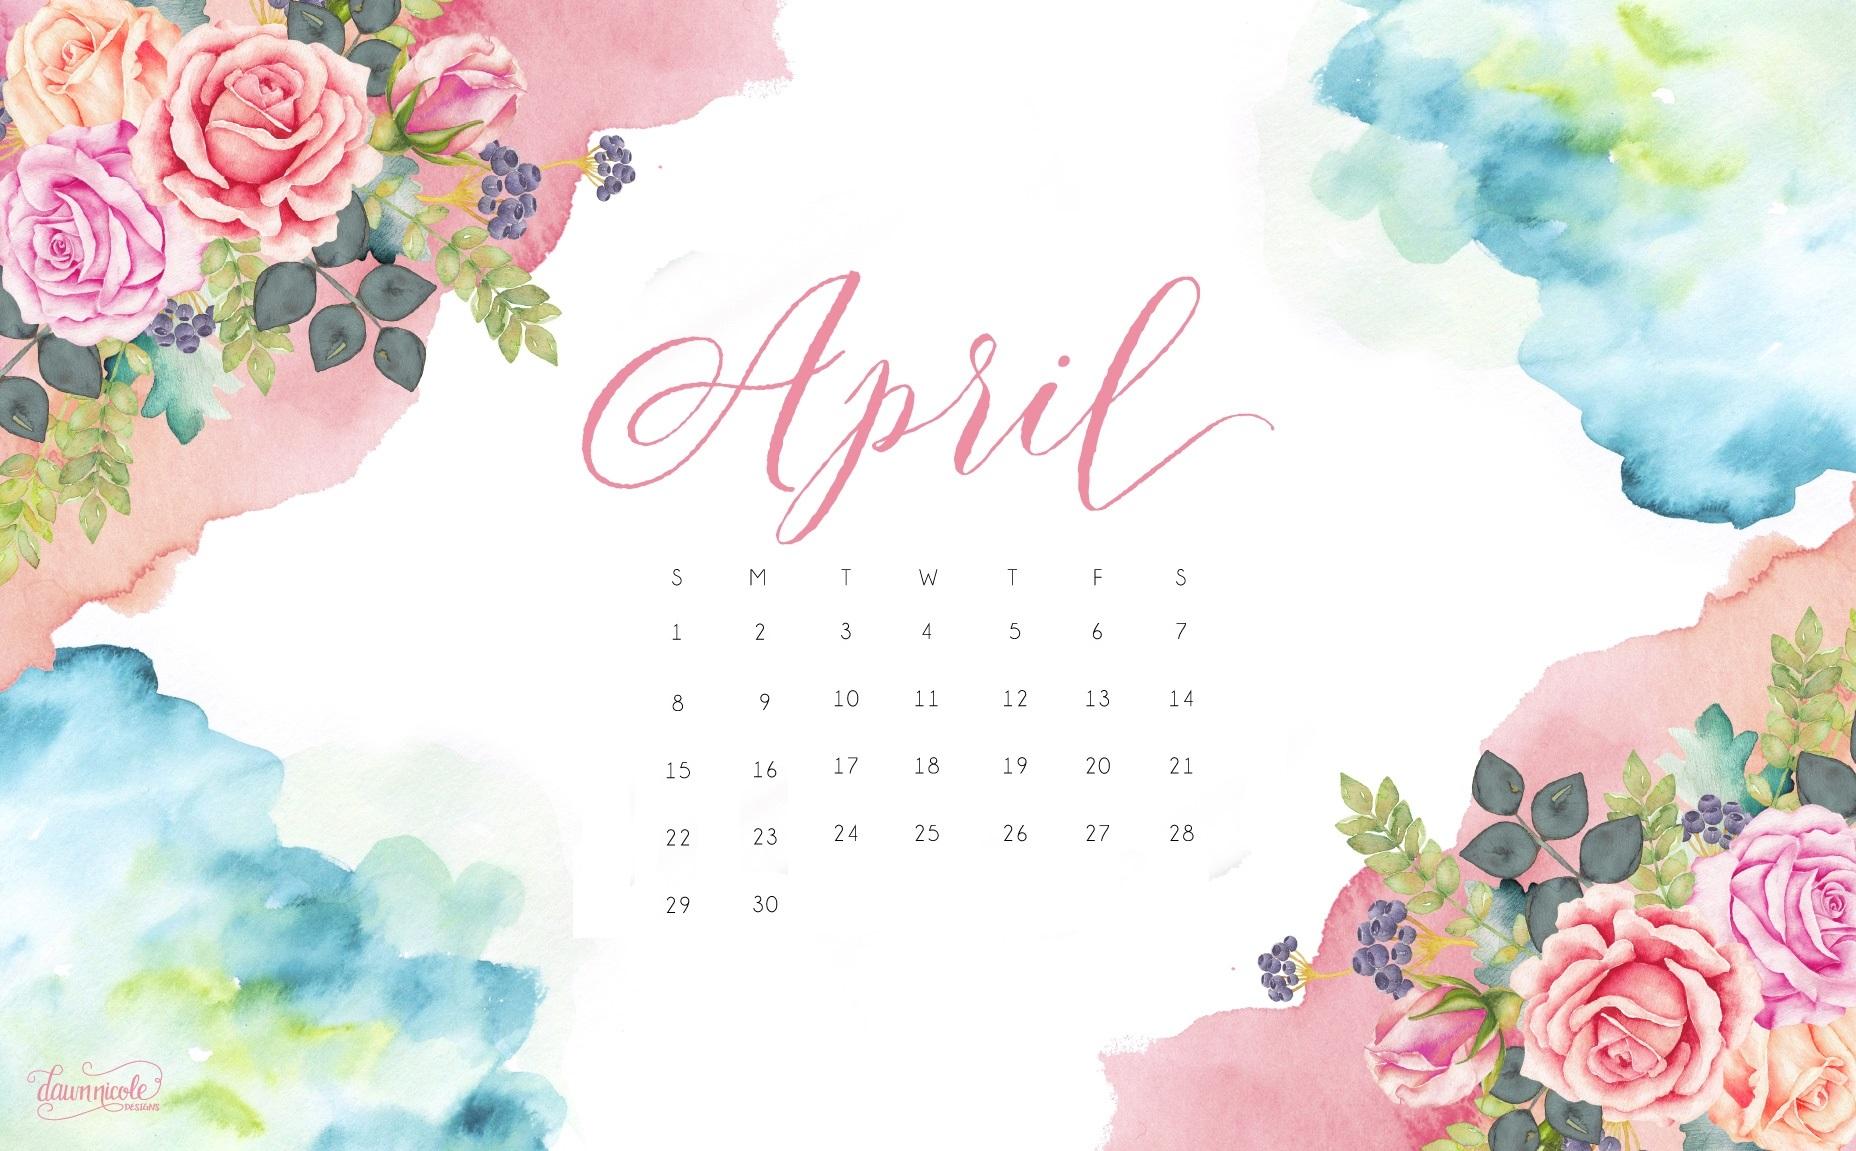 April 2018 Calendar Wallpaper Calendar 2018 1856x1151